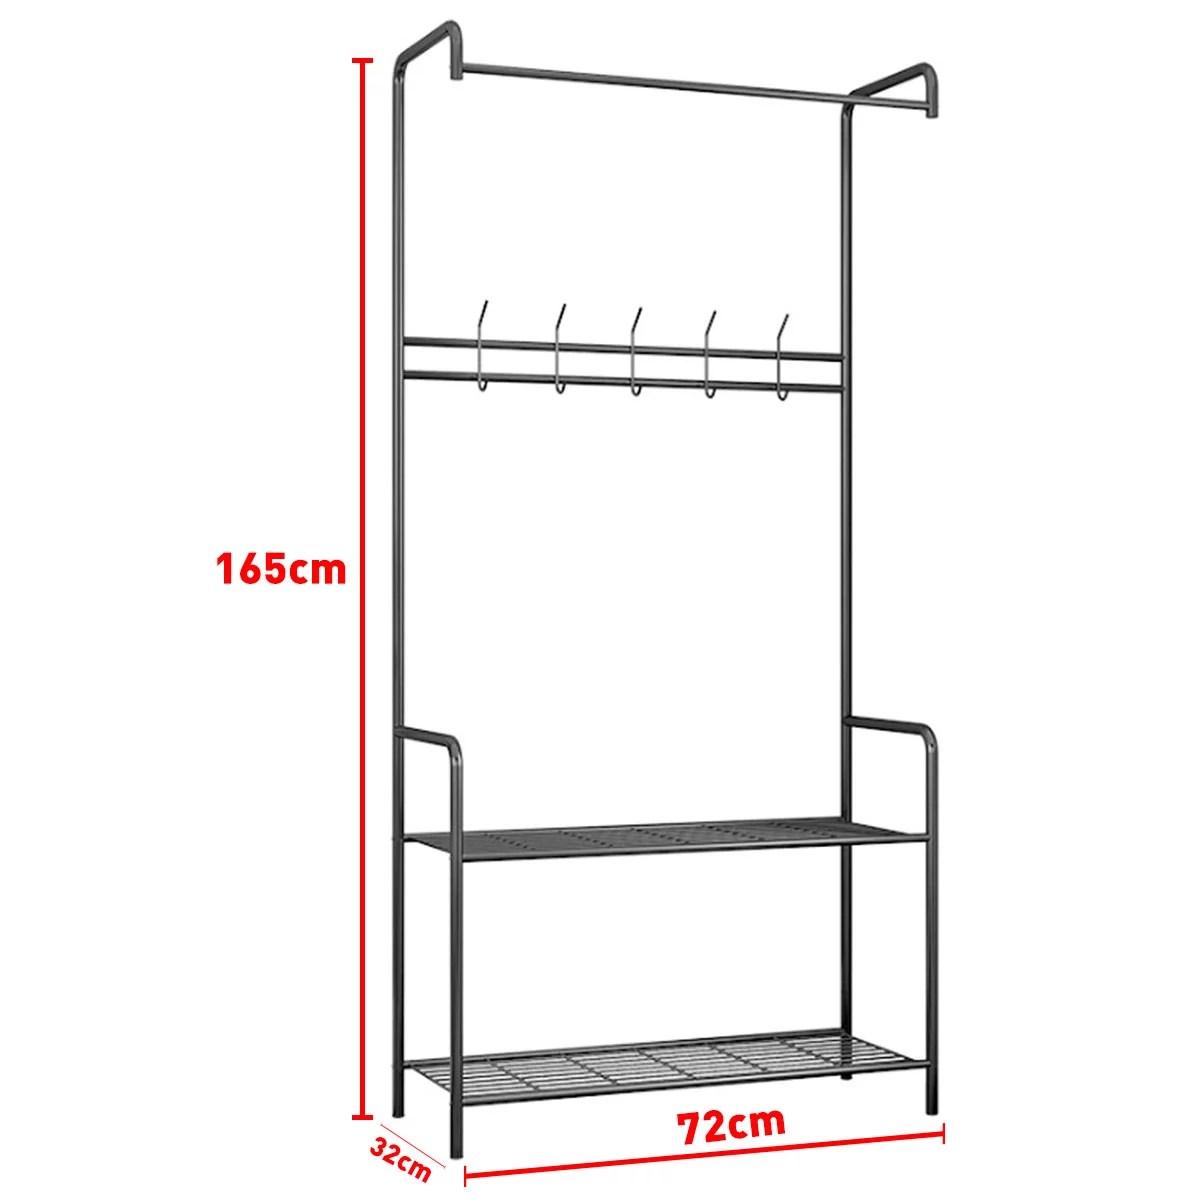 2 tier metal entryway coat rack garment hat coat hanger clothes hanging rack shoe shelf closet organizer free standing home office